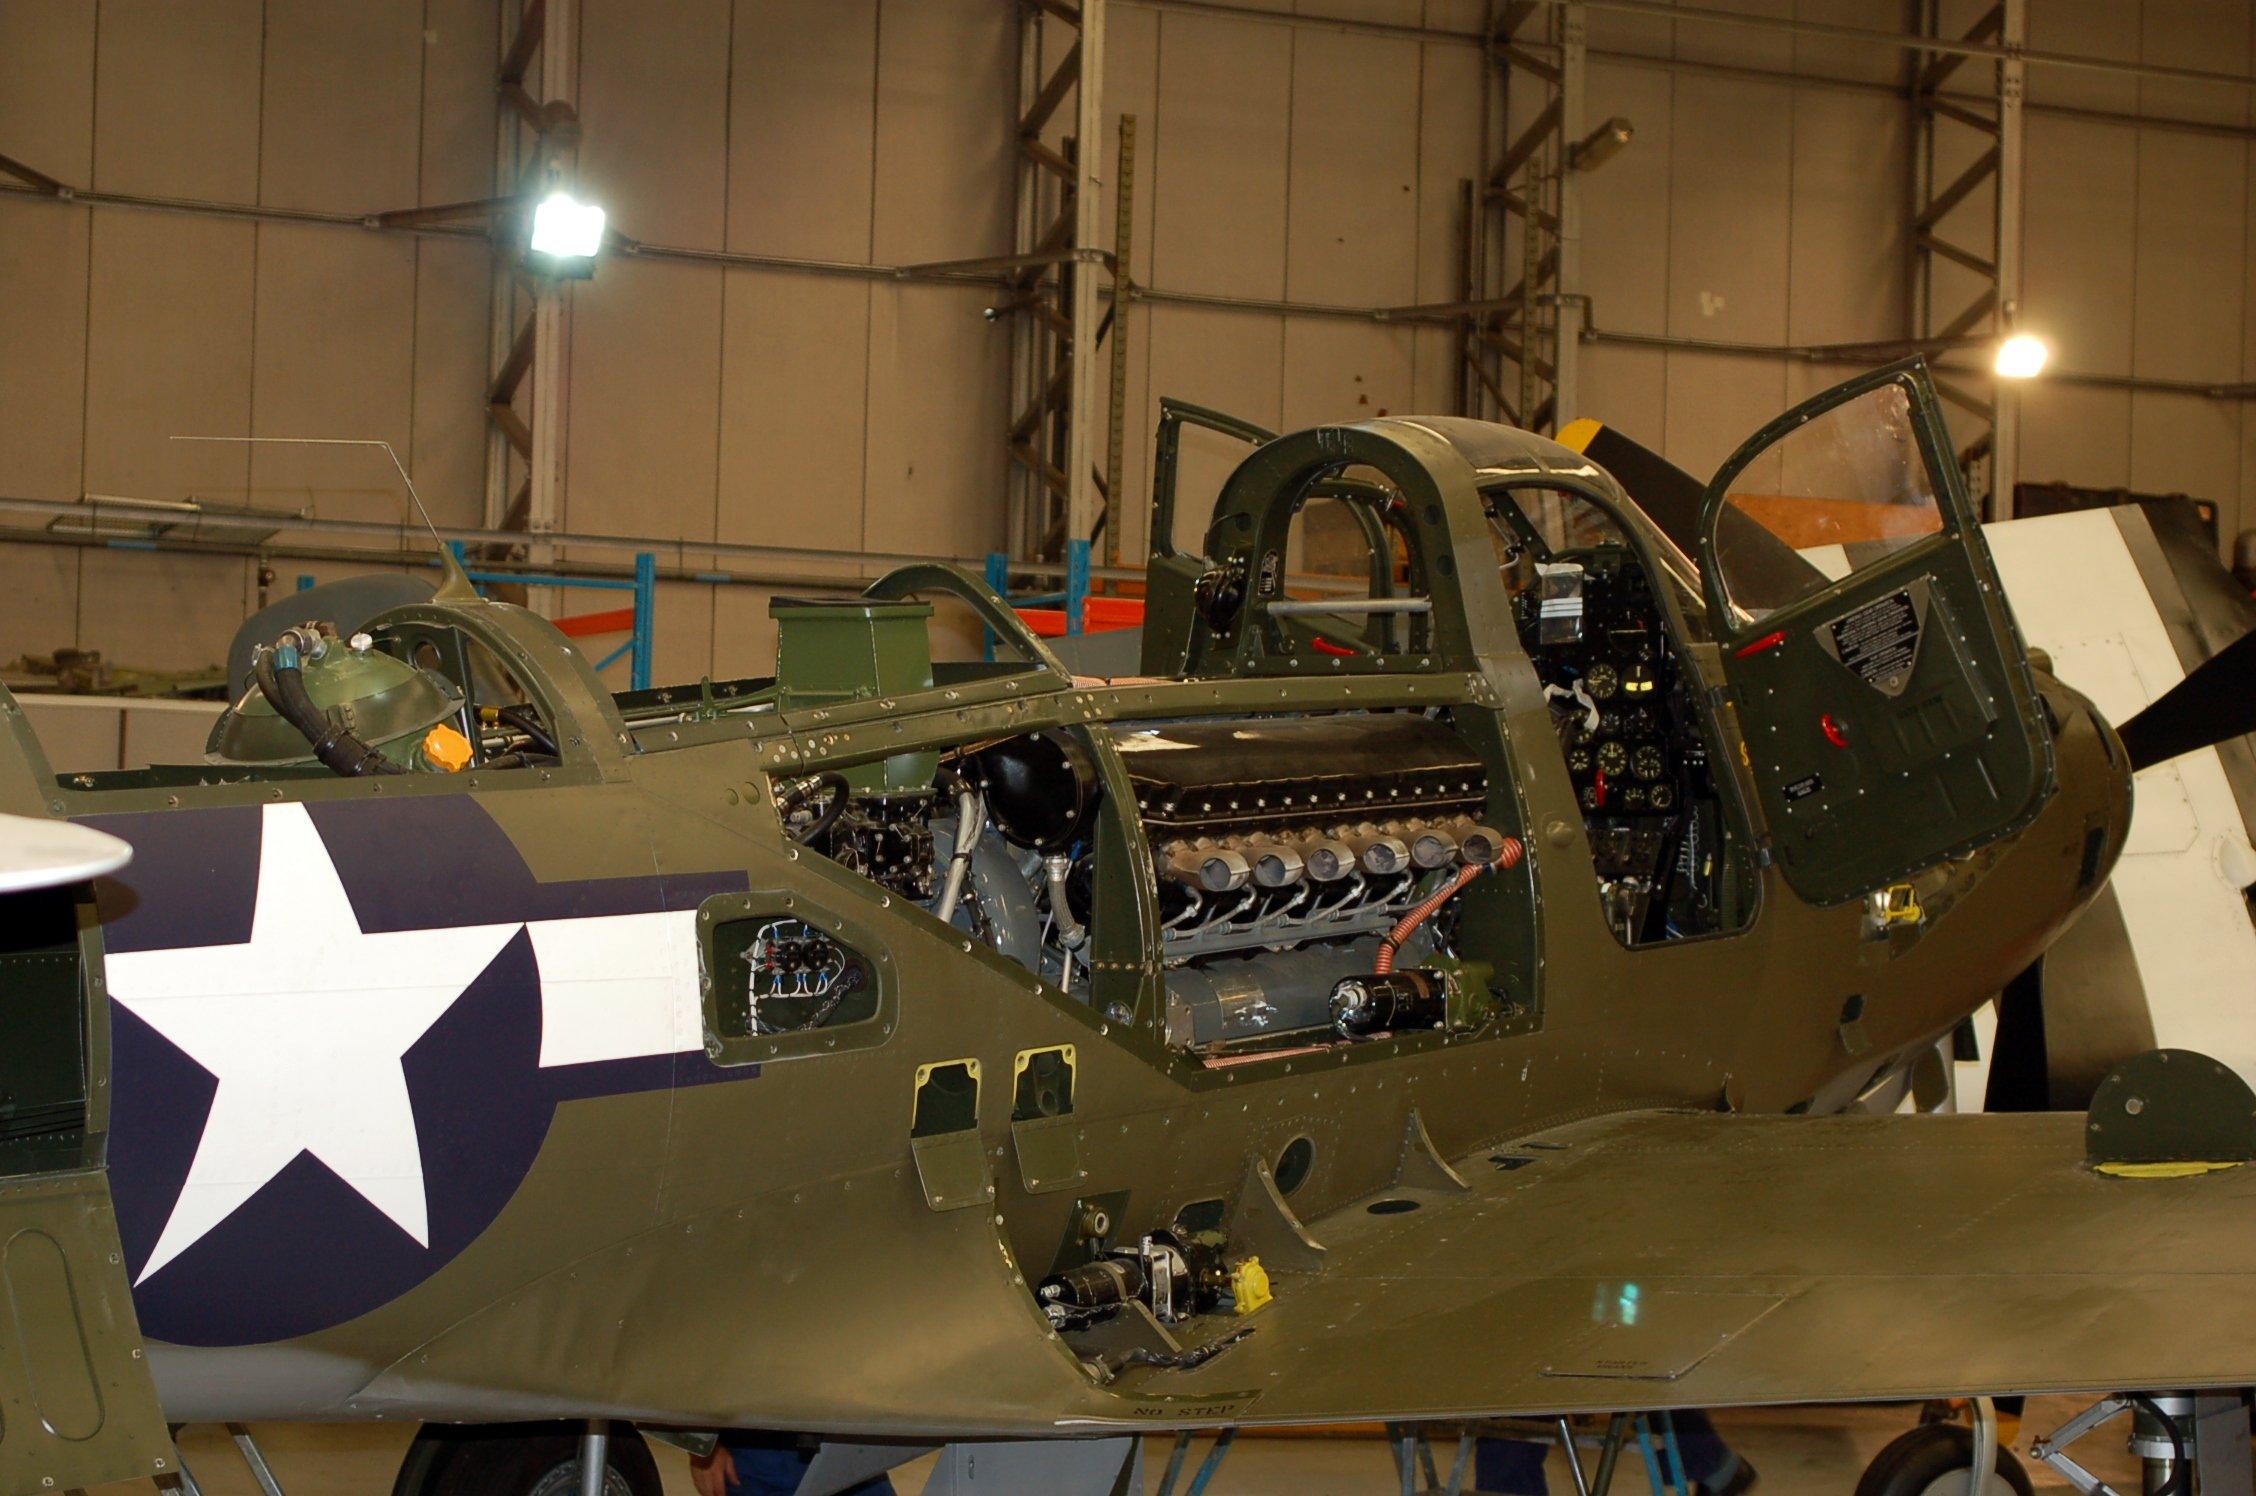 Diskusní fórum modelářů • Zobrazit téma - P-39 Airacobra 1/32 Special Hobby - HOTOVO